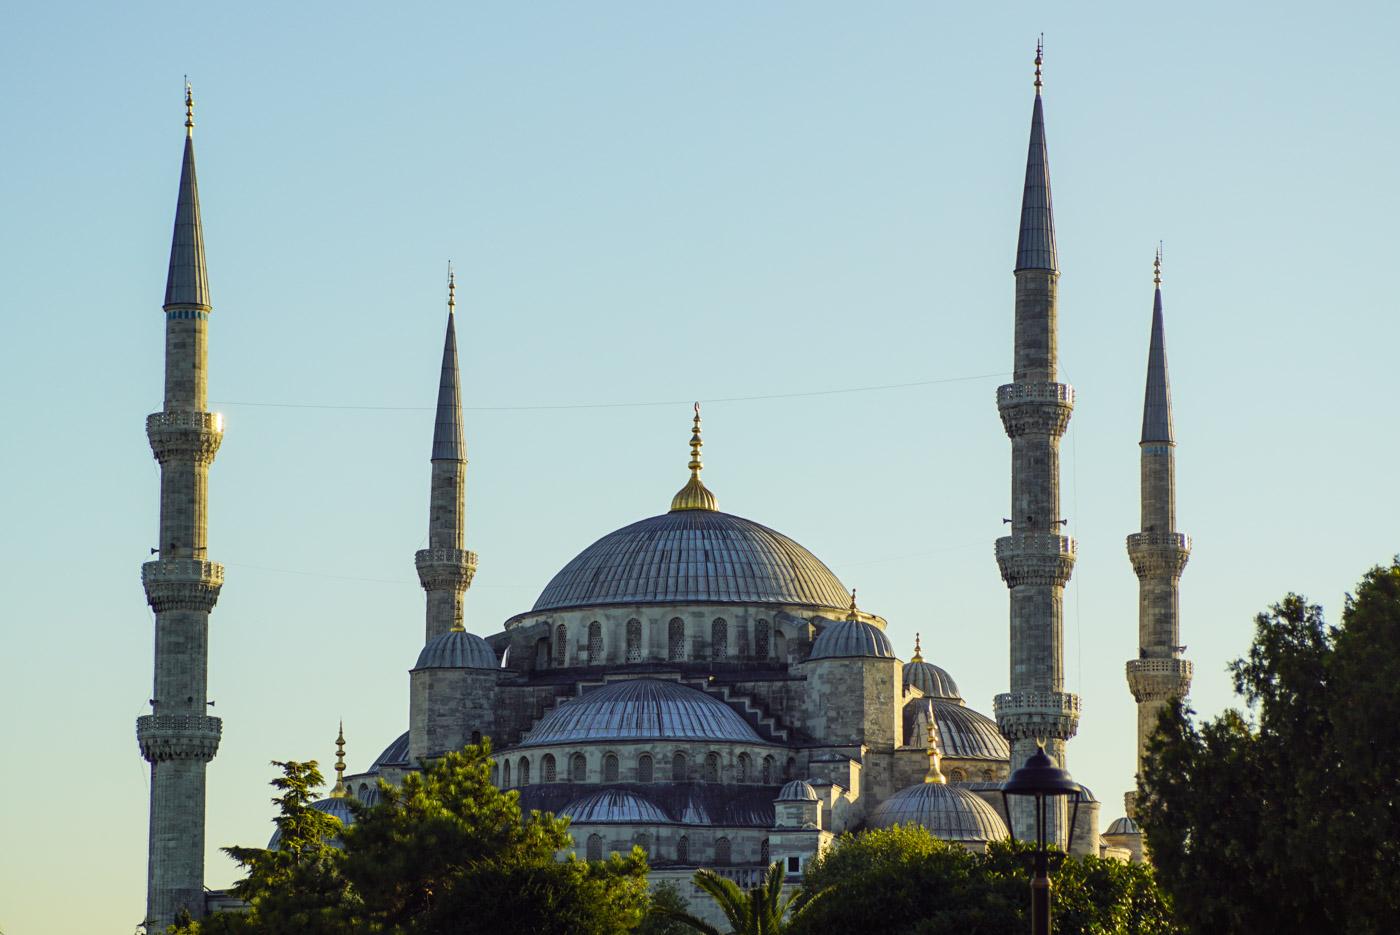 Blick auf die gewaltige Blaue Moschee in Istanbul mit ihren vier Minaretten bei Sonnenuntergang.